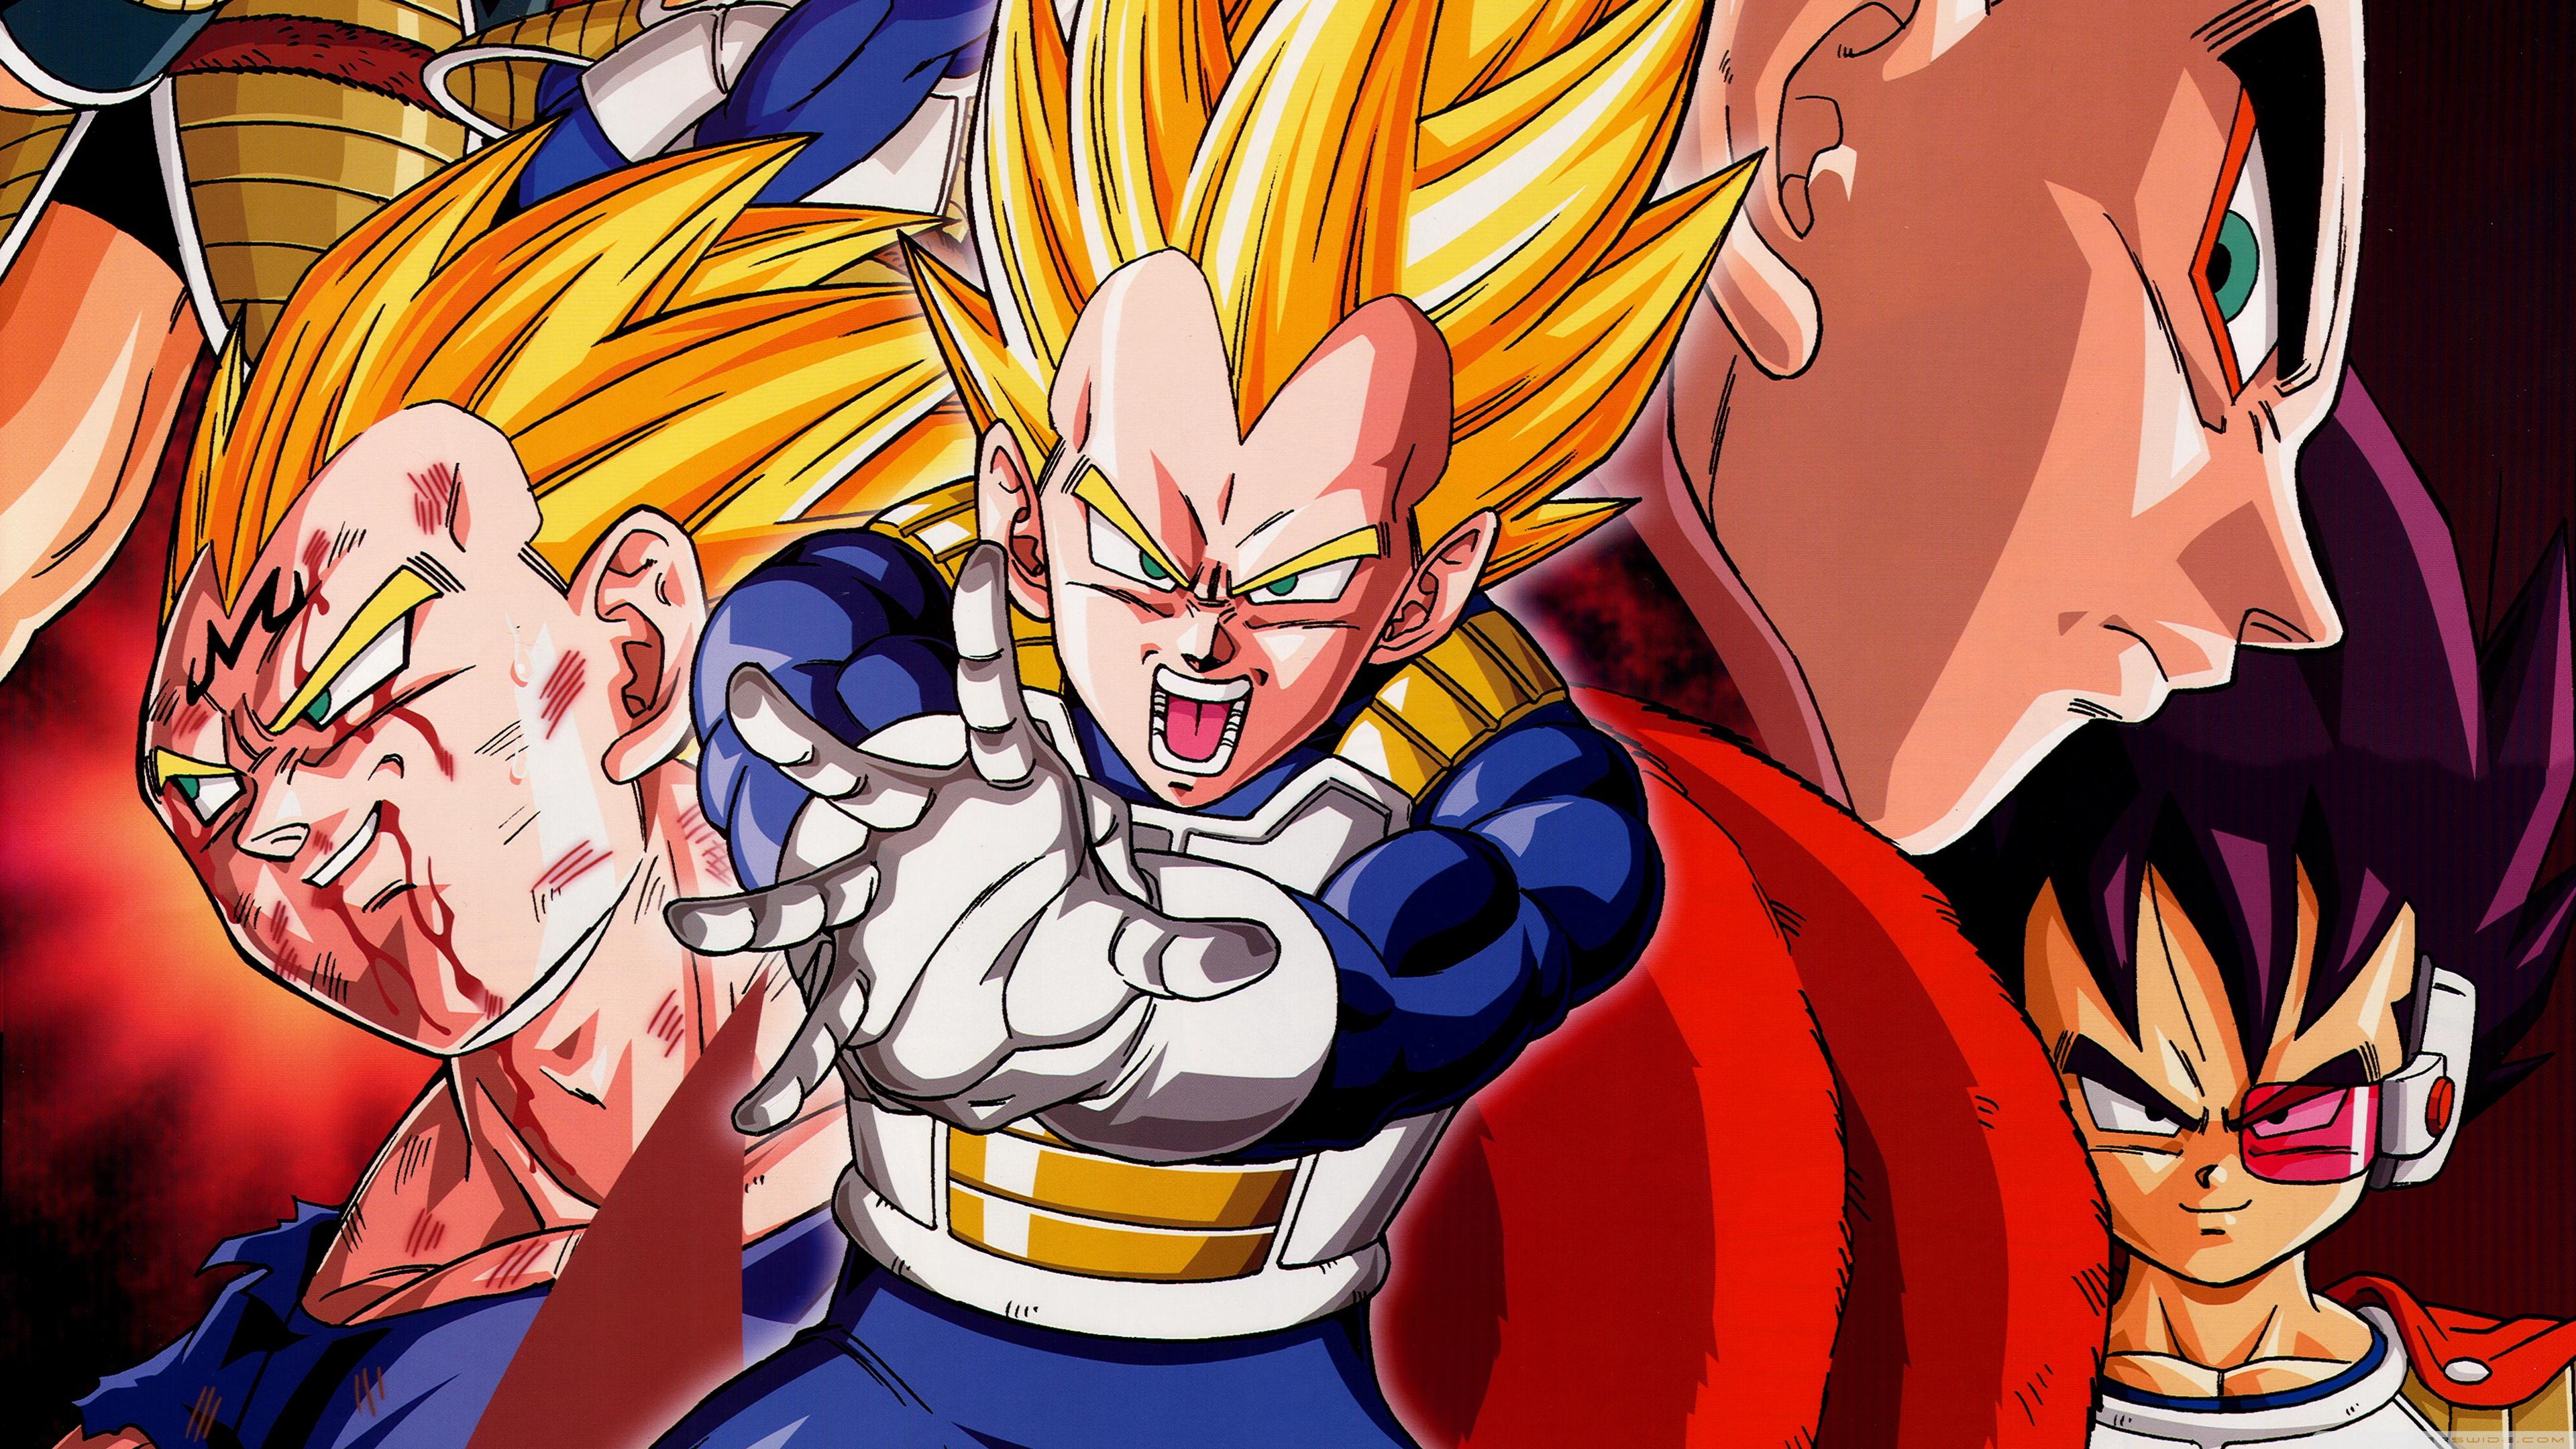 Dragon Ball Z 4k Ultra Fond Décran Hd Arrière Plan 3840x2160